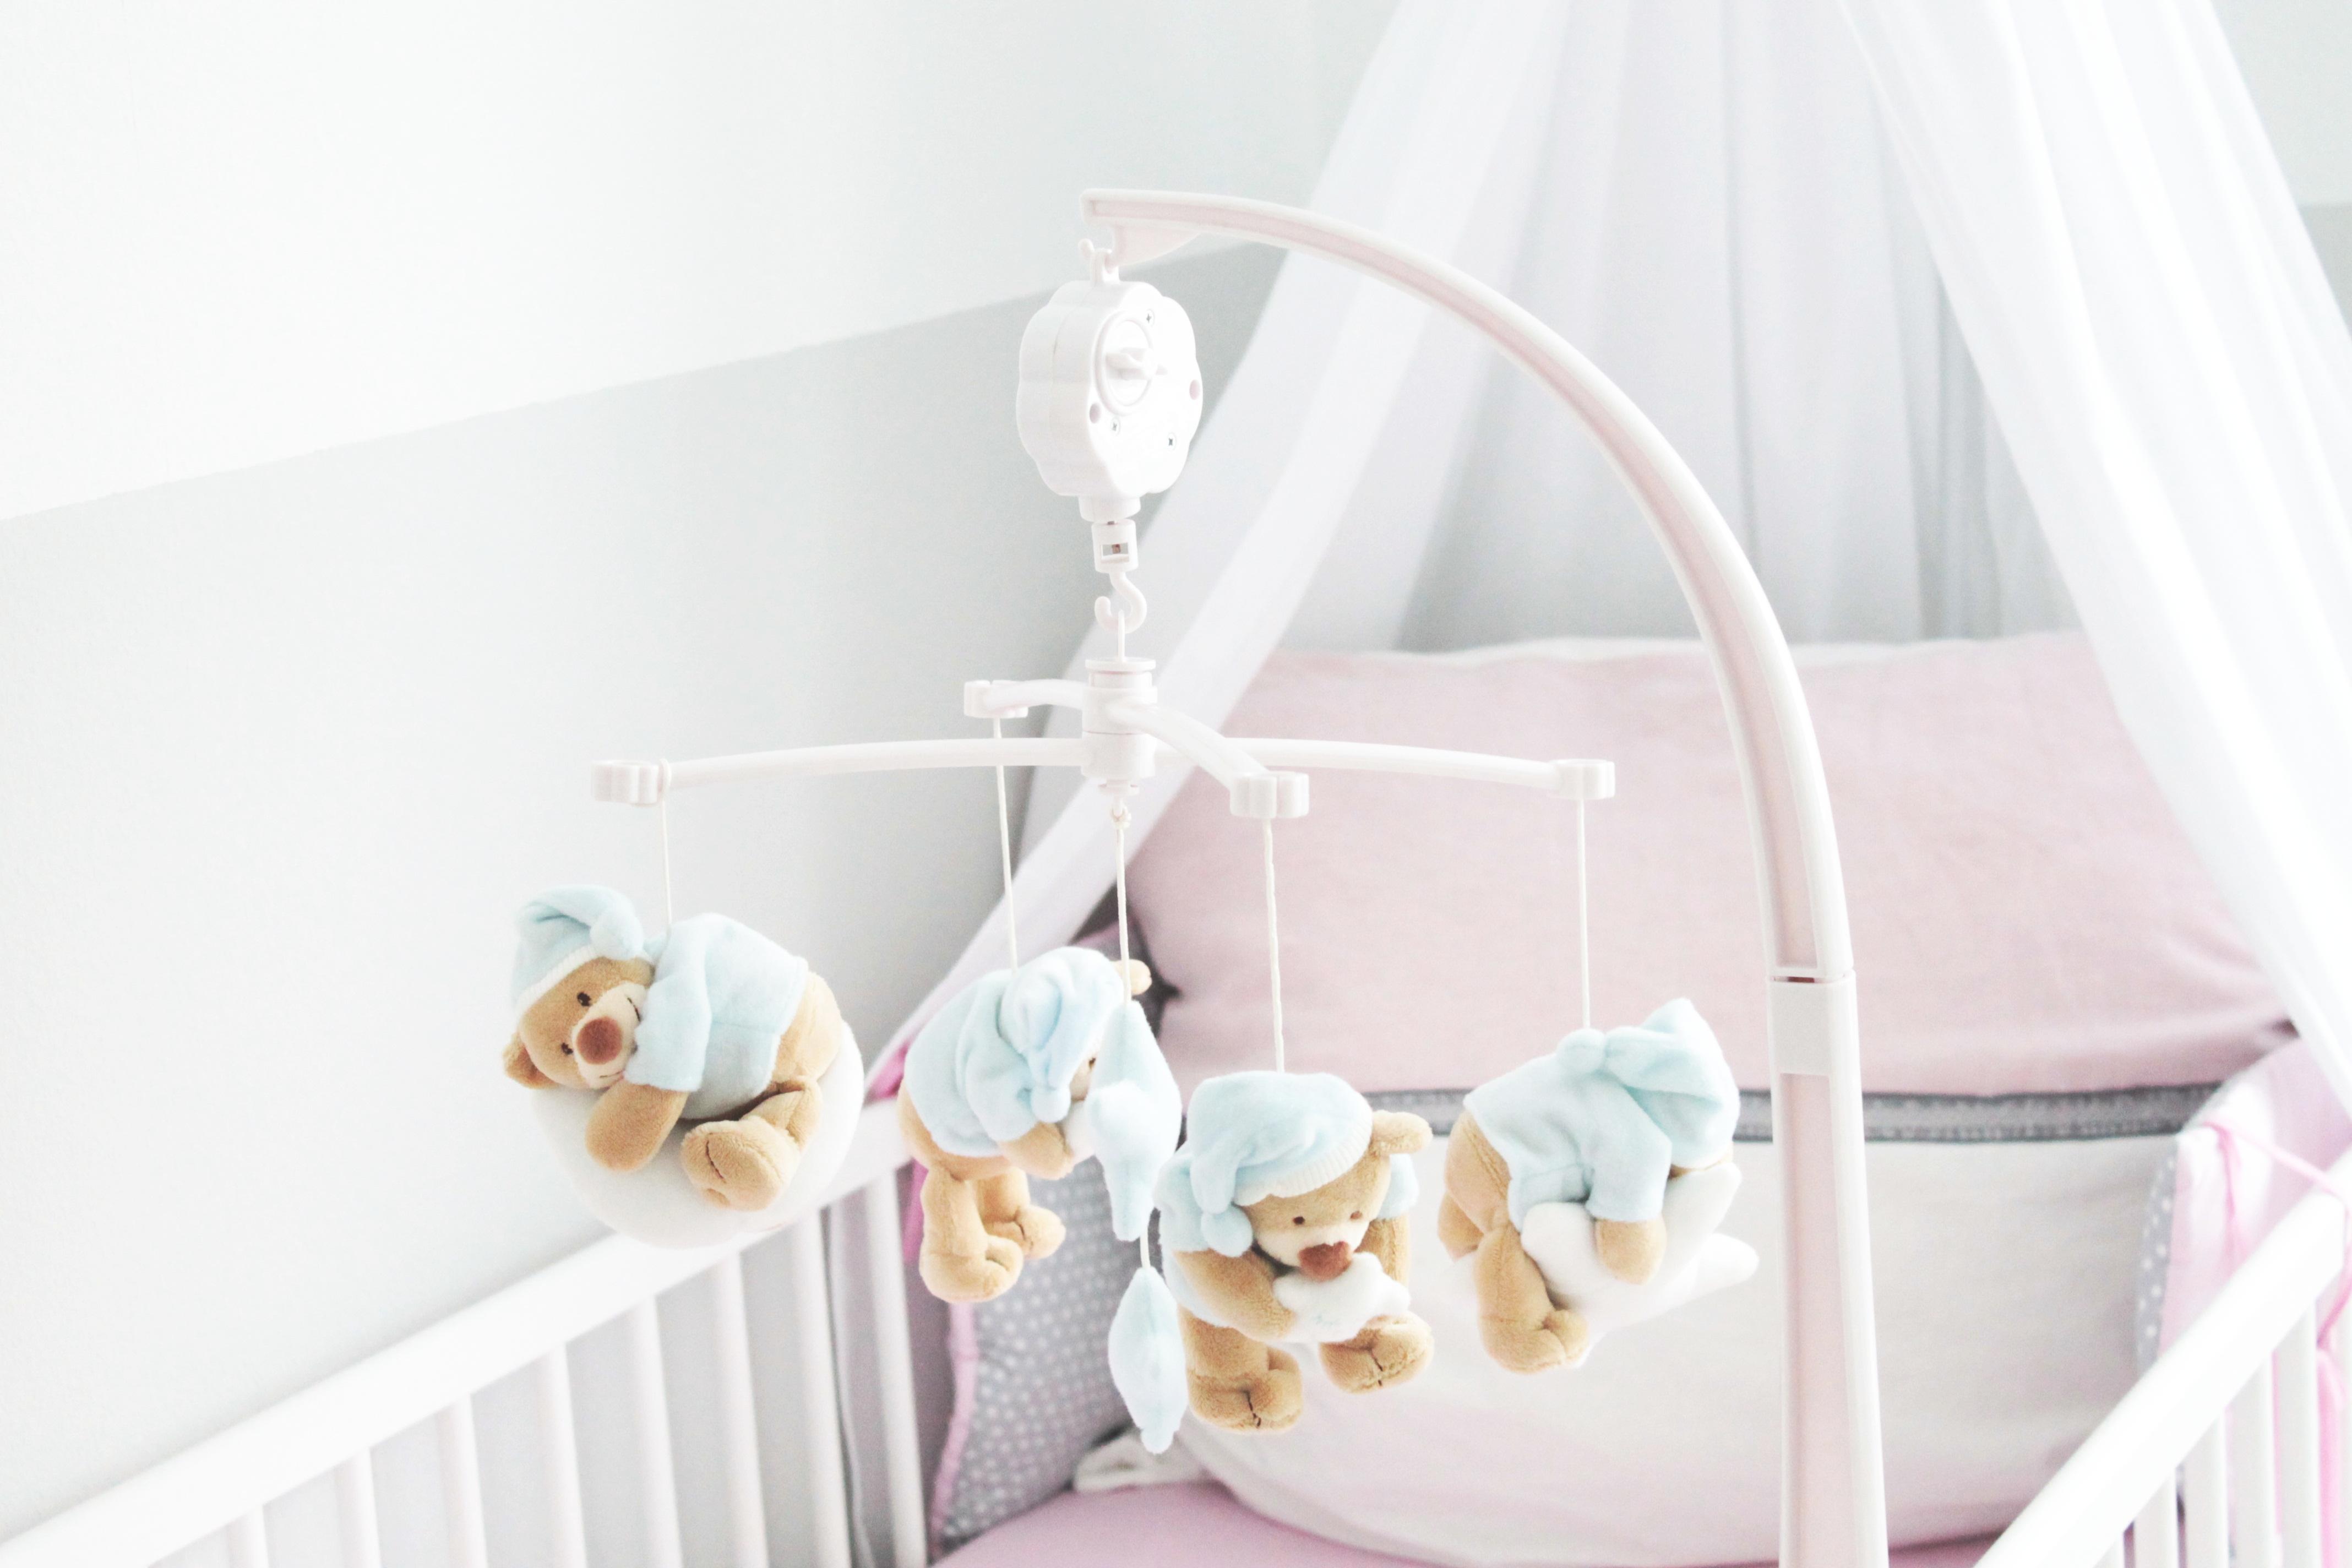 Möbel - Babyartikel.de